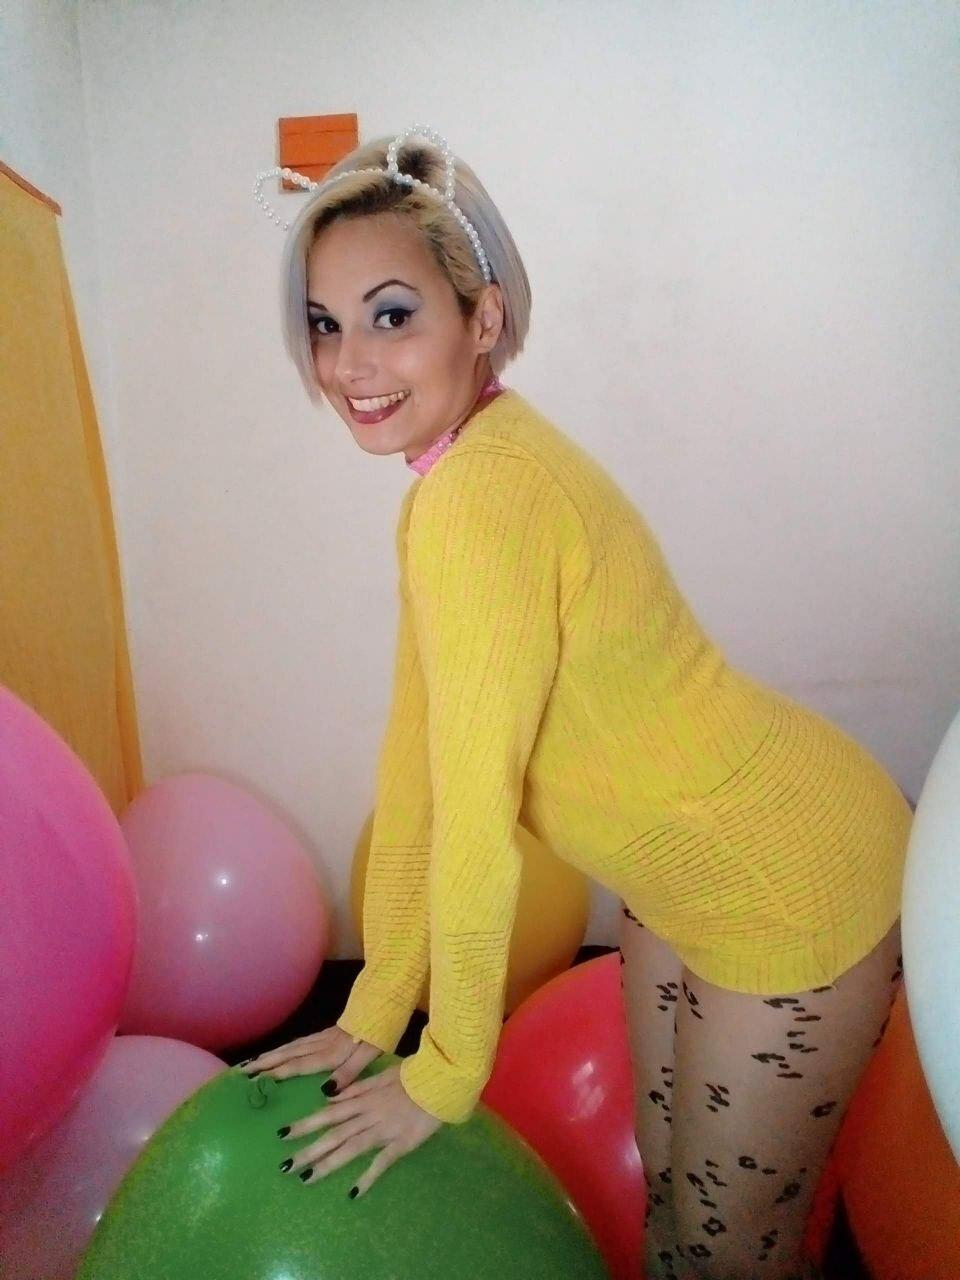 Sitting on balloons